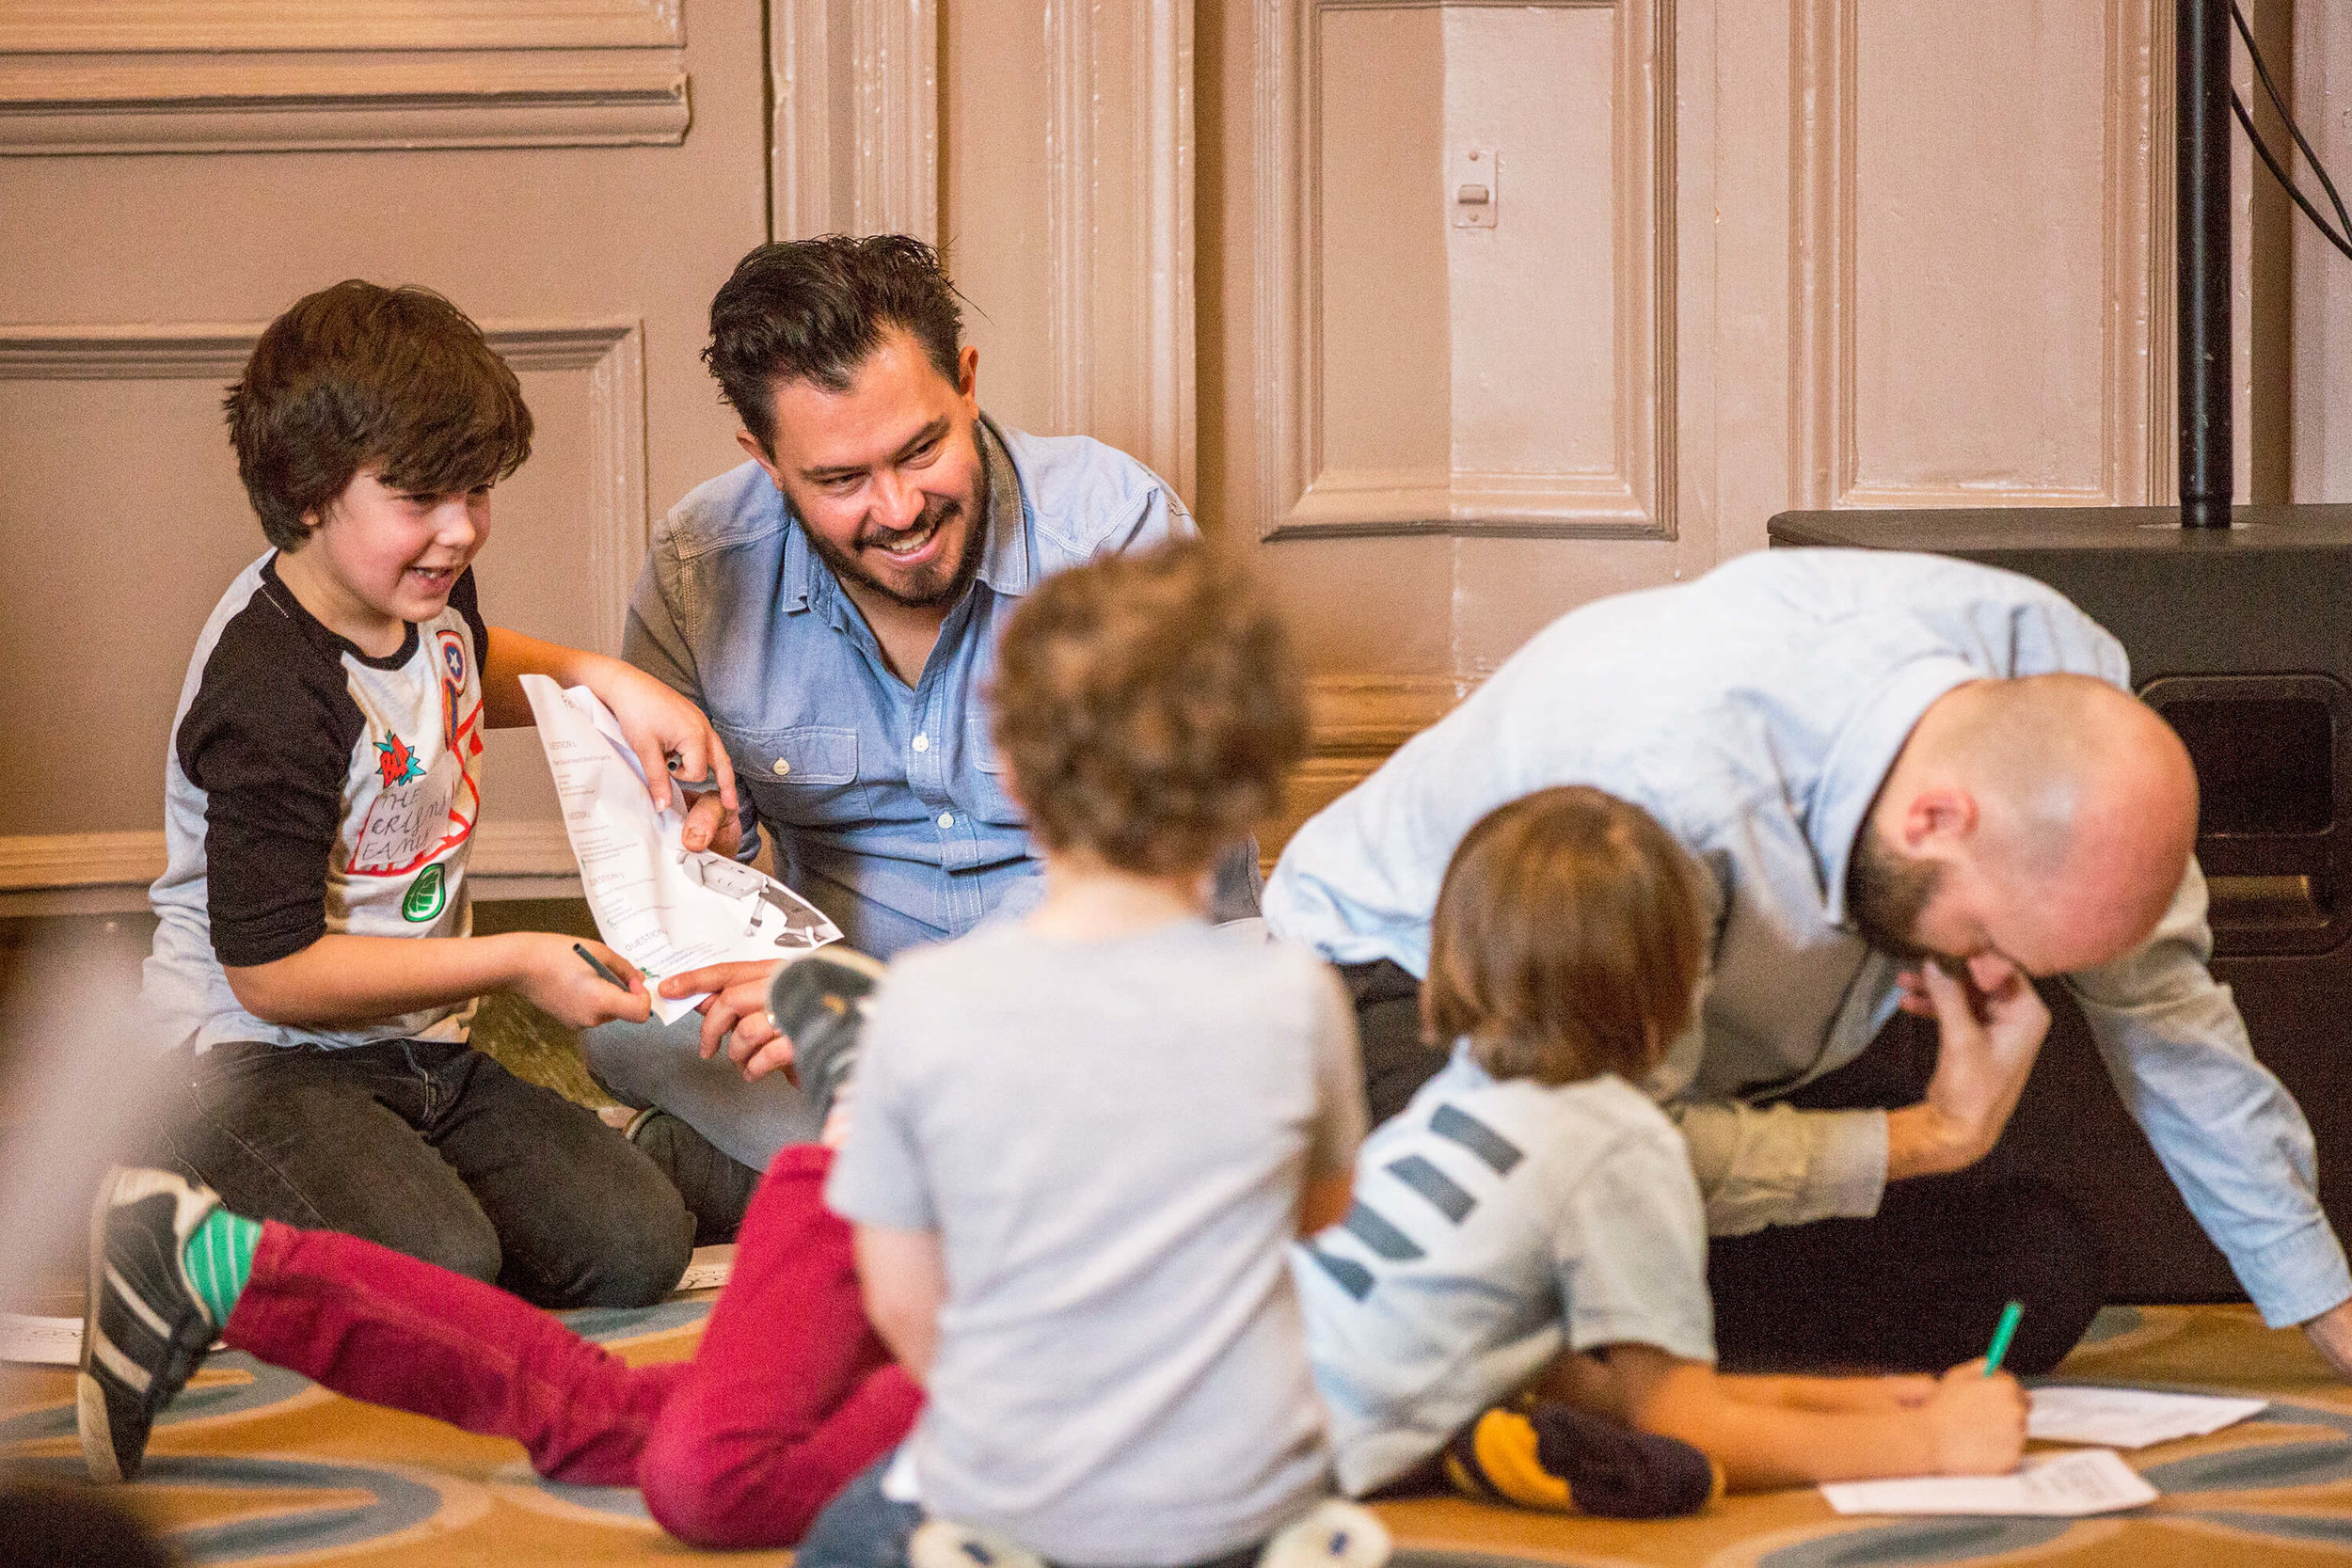 pre-school - children aged 3-5